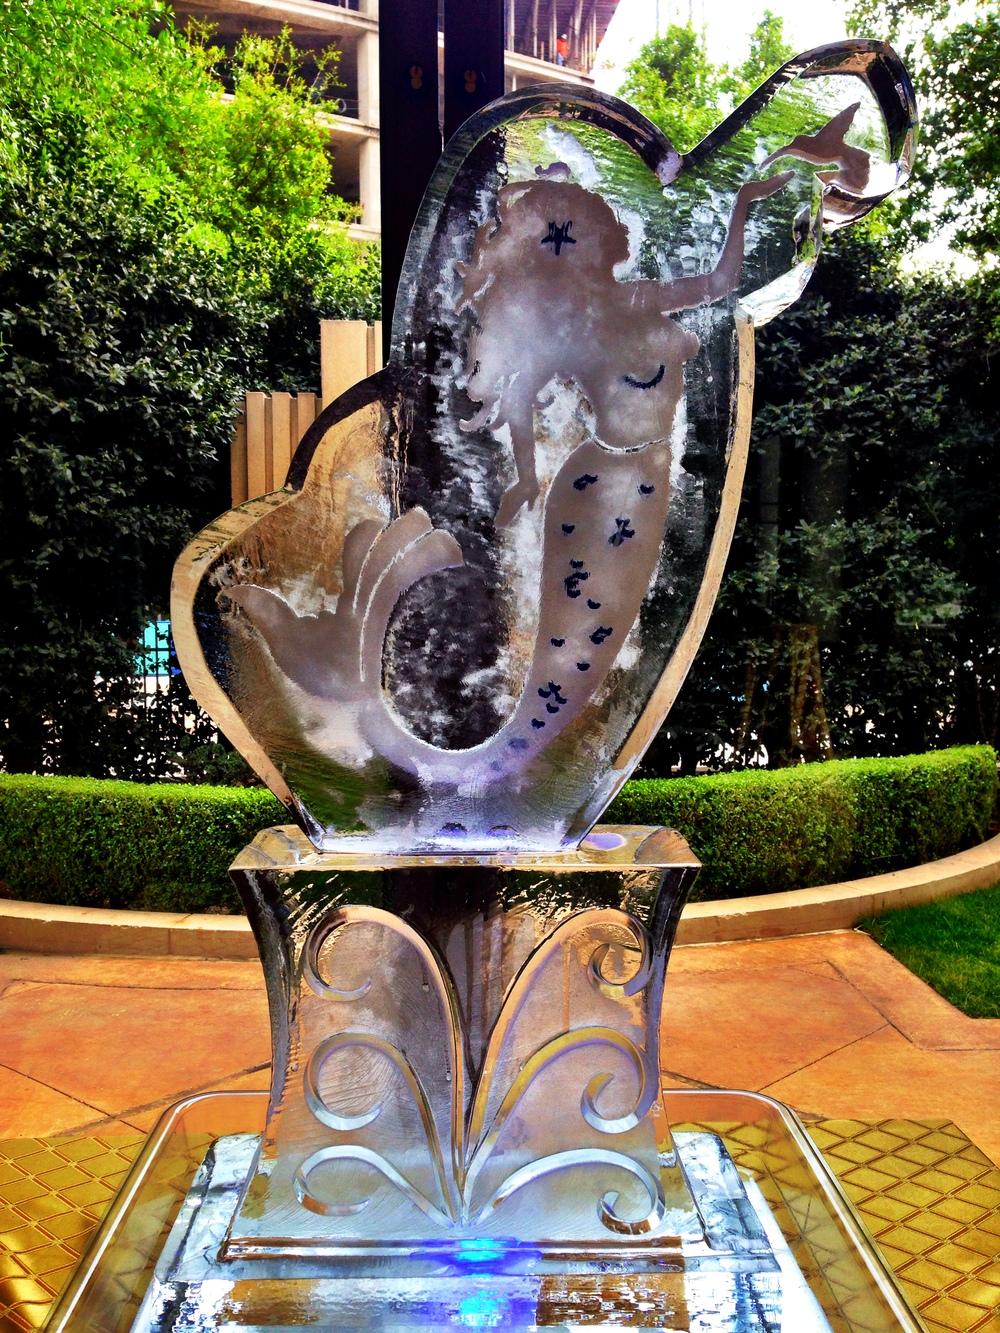 10) Mermaid Humminbird Ice Sculpture